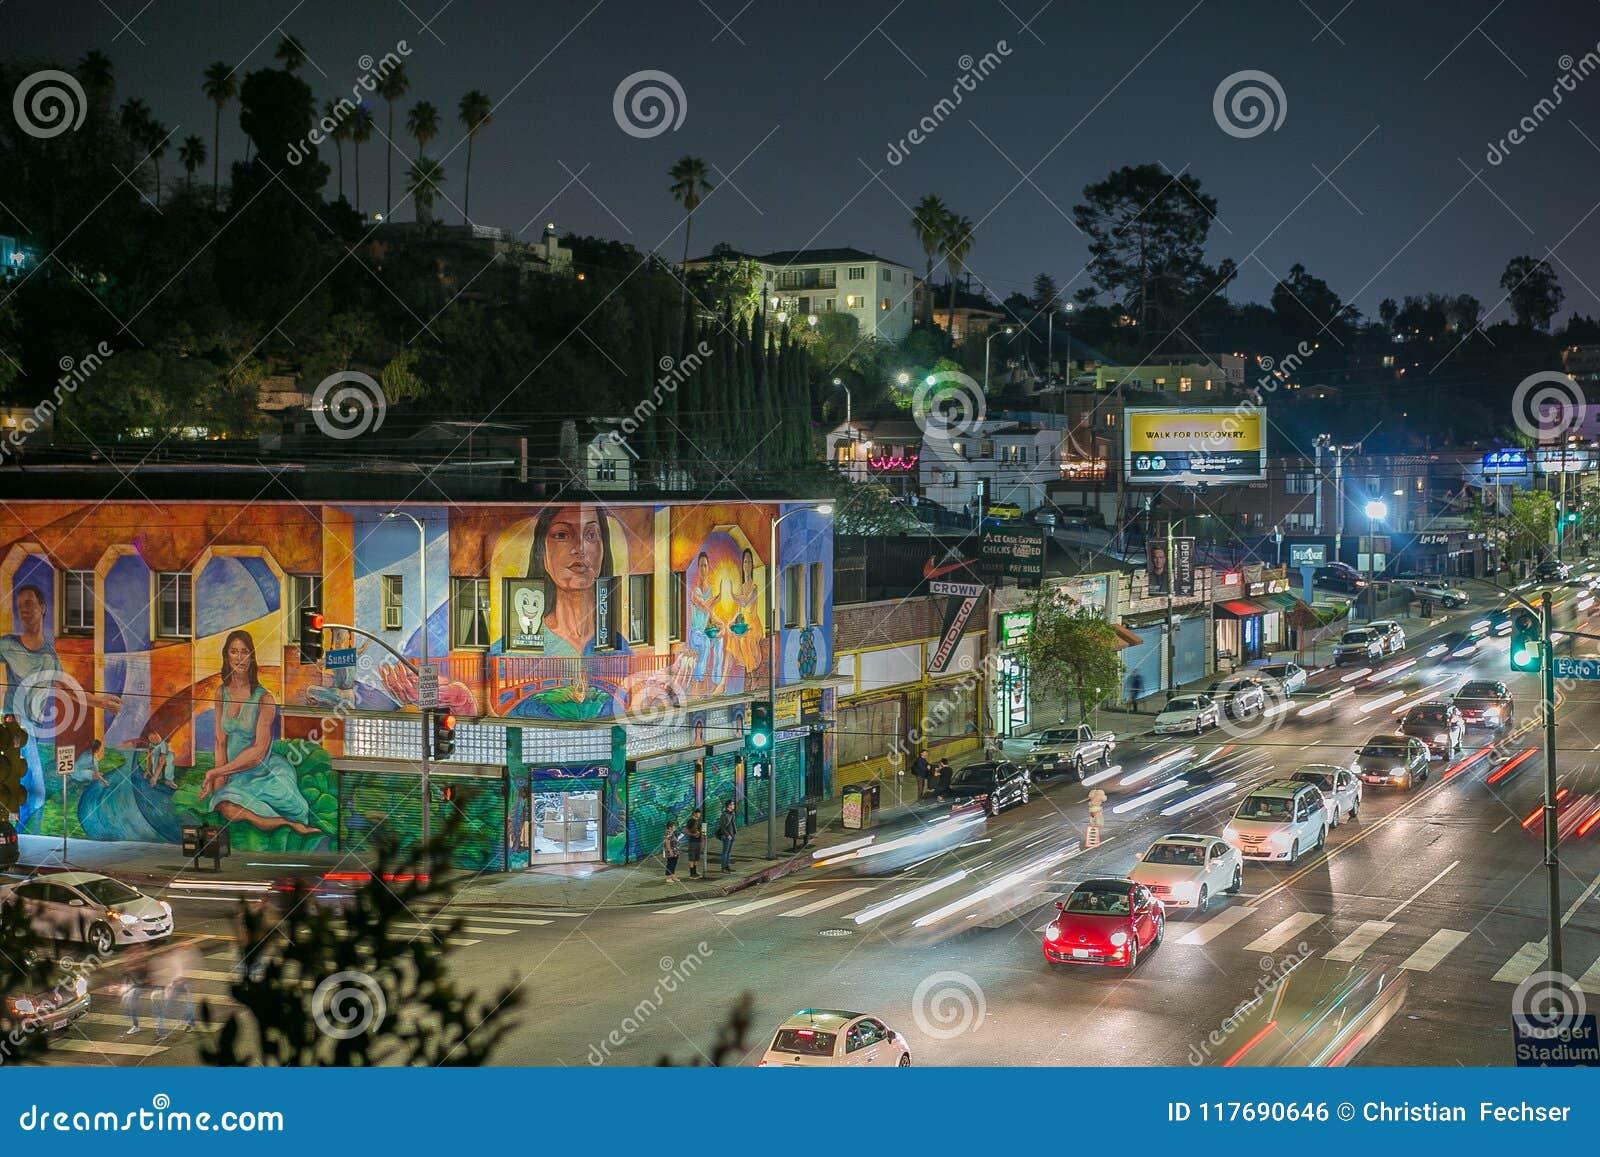 Όμορφο βράδυ στο πάρκο ηχούς, Λος Άντζελες